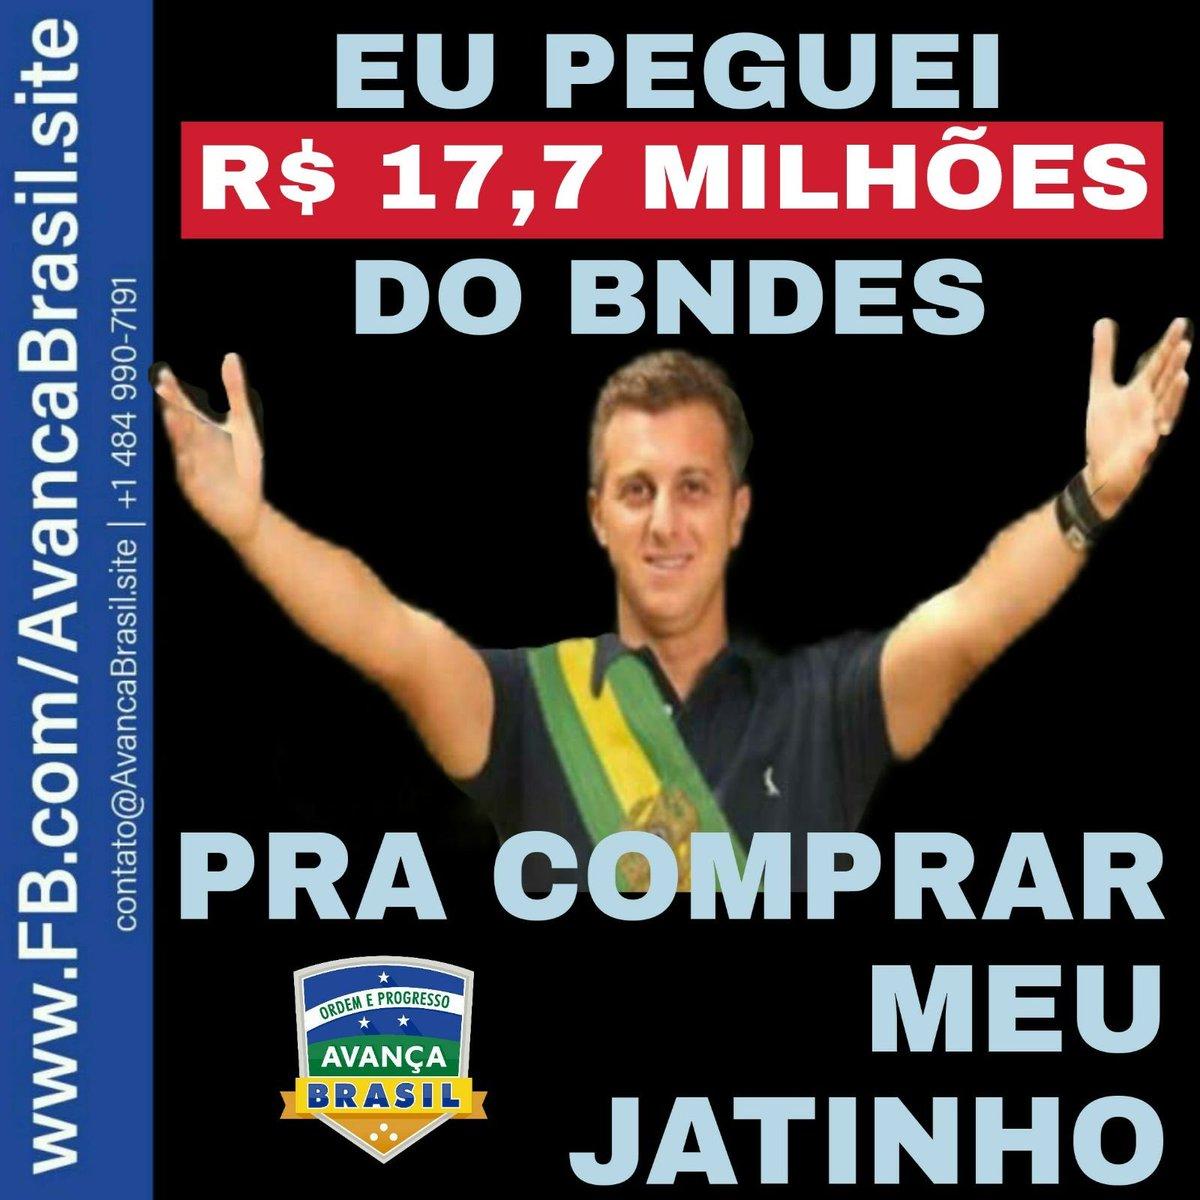 Meu Jatinho, Meu BNDES!  Luciano Huck emprestou R$ 17,7 milhões do BNDES para comprar seu Jatinho.